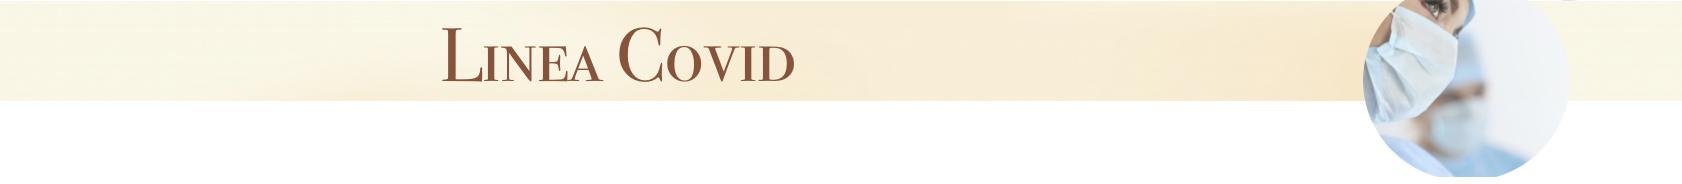 olio di argan, Home Page